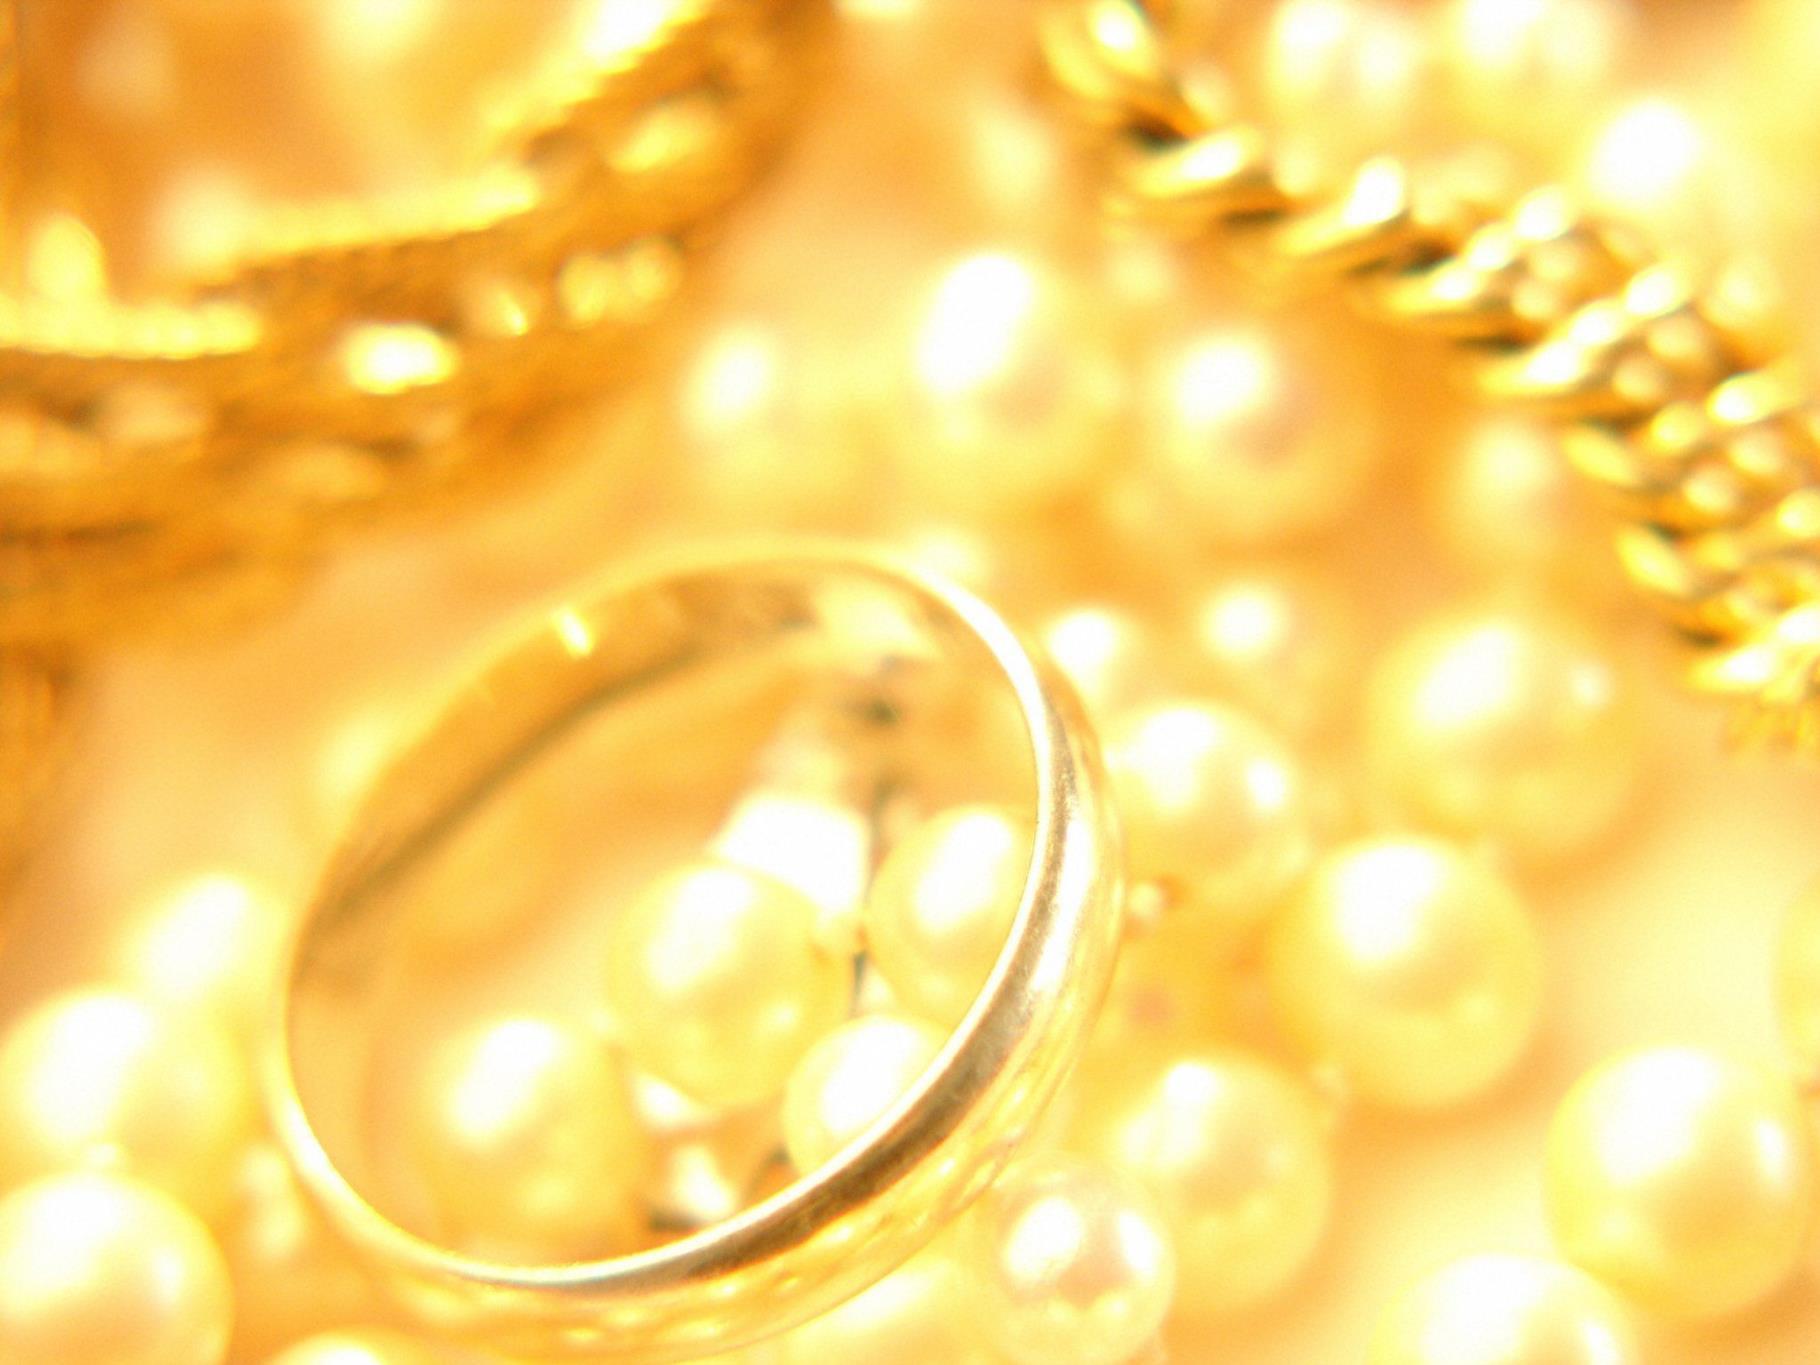 Taxifahrer habe tagelang nach Besitzer des Goldschmuckes gesucht.